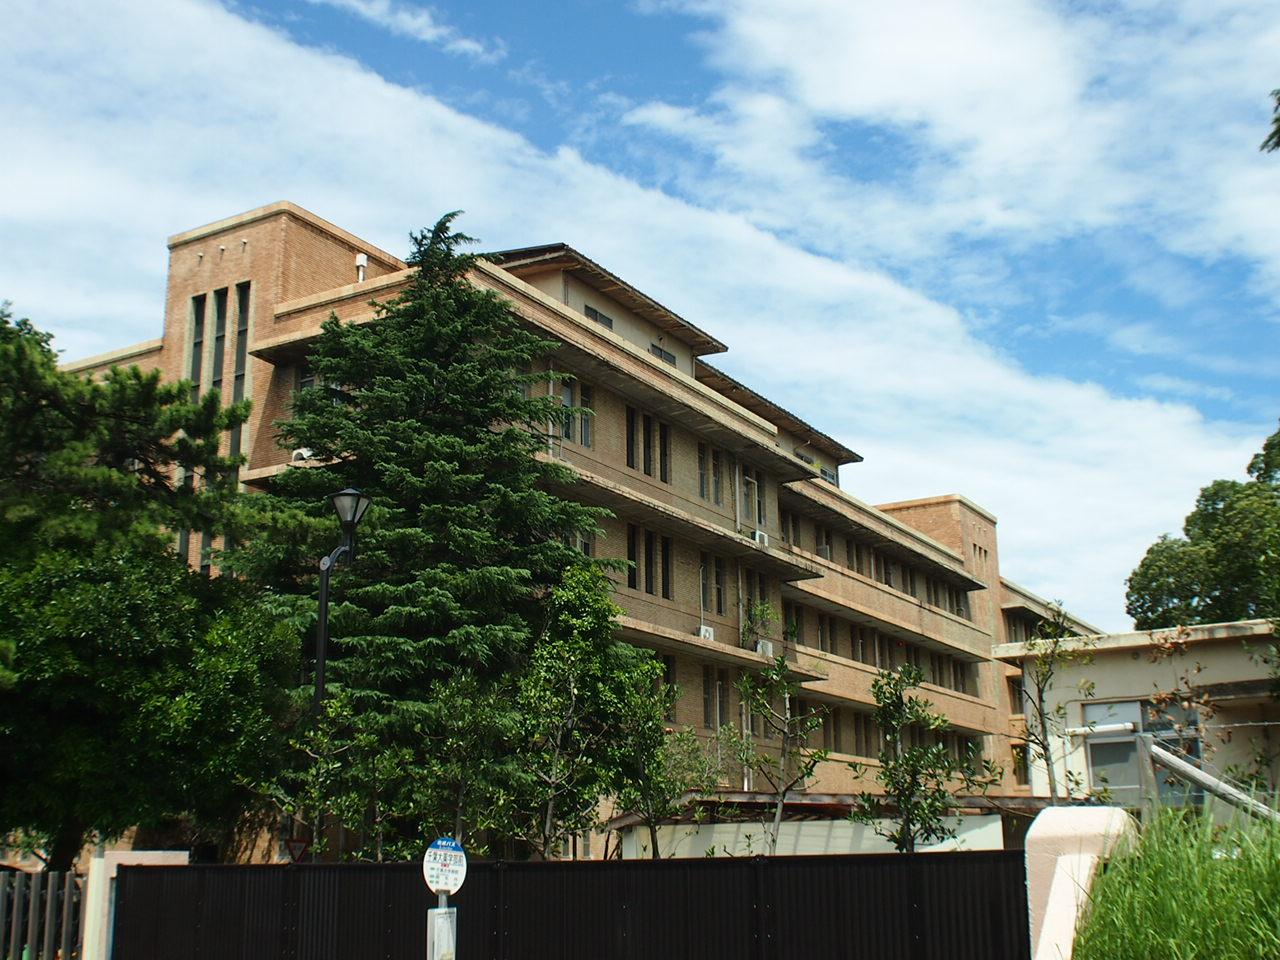 千葉大学亥鼻校舎(正門)の画像